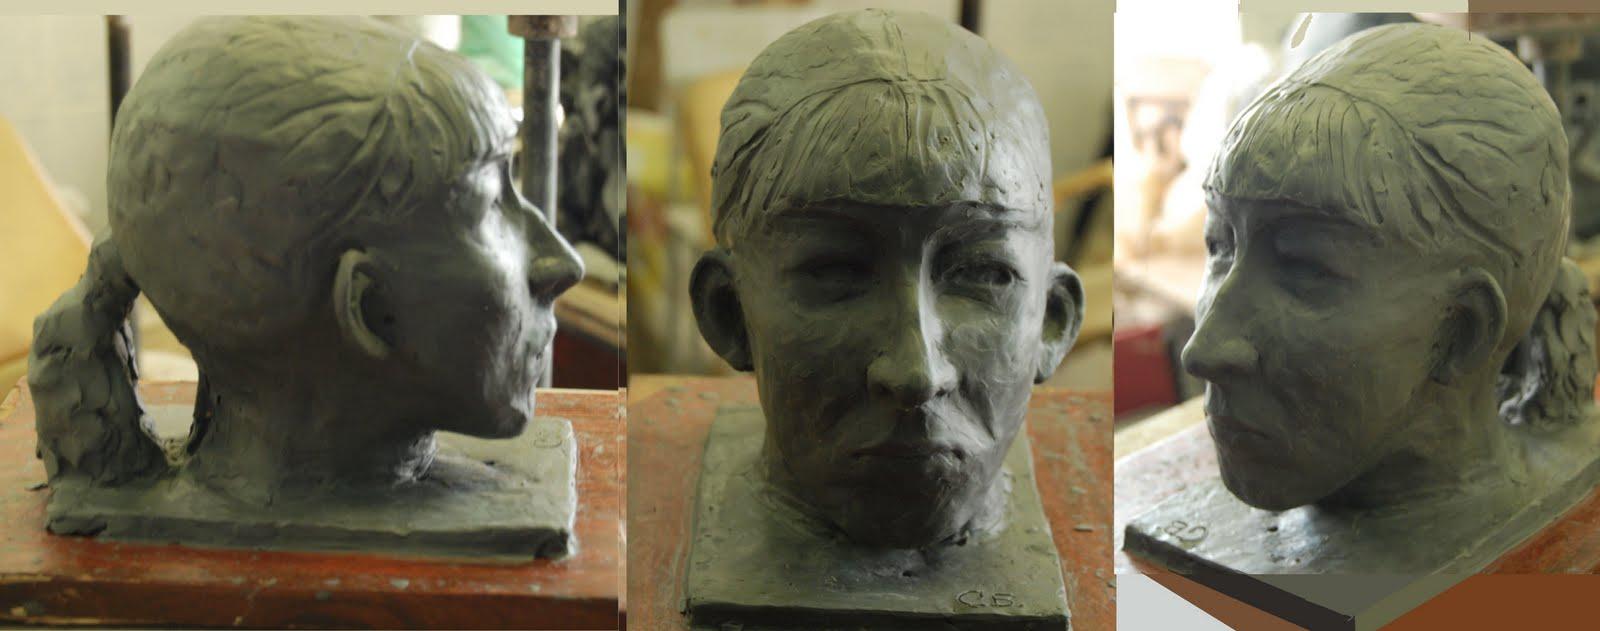 Скульптура пошагово